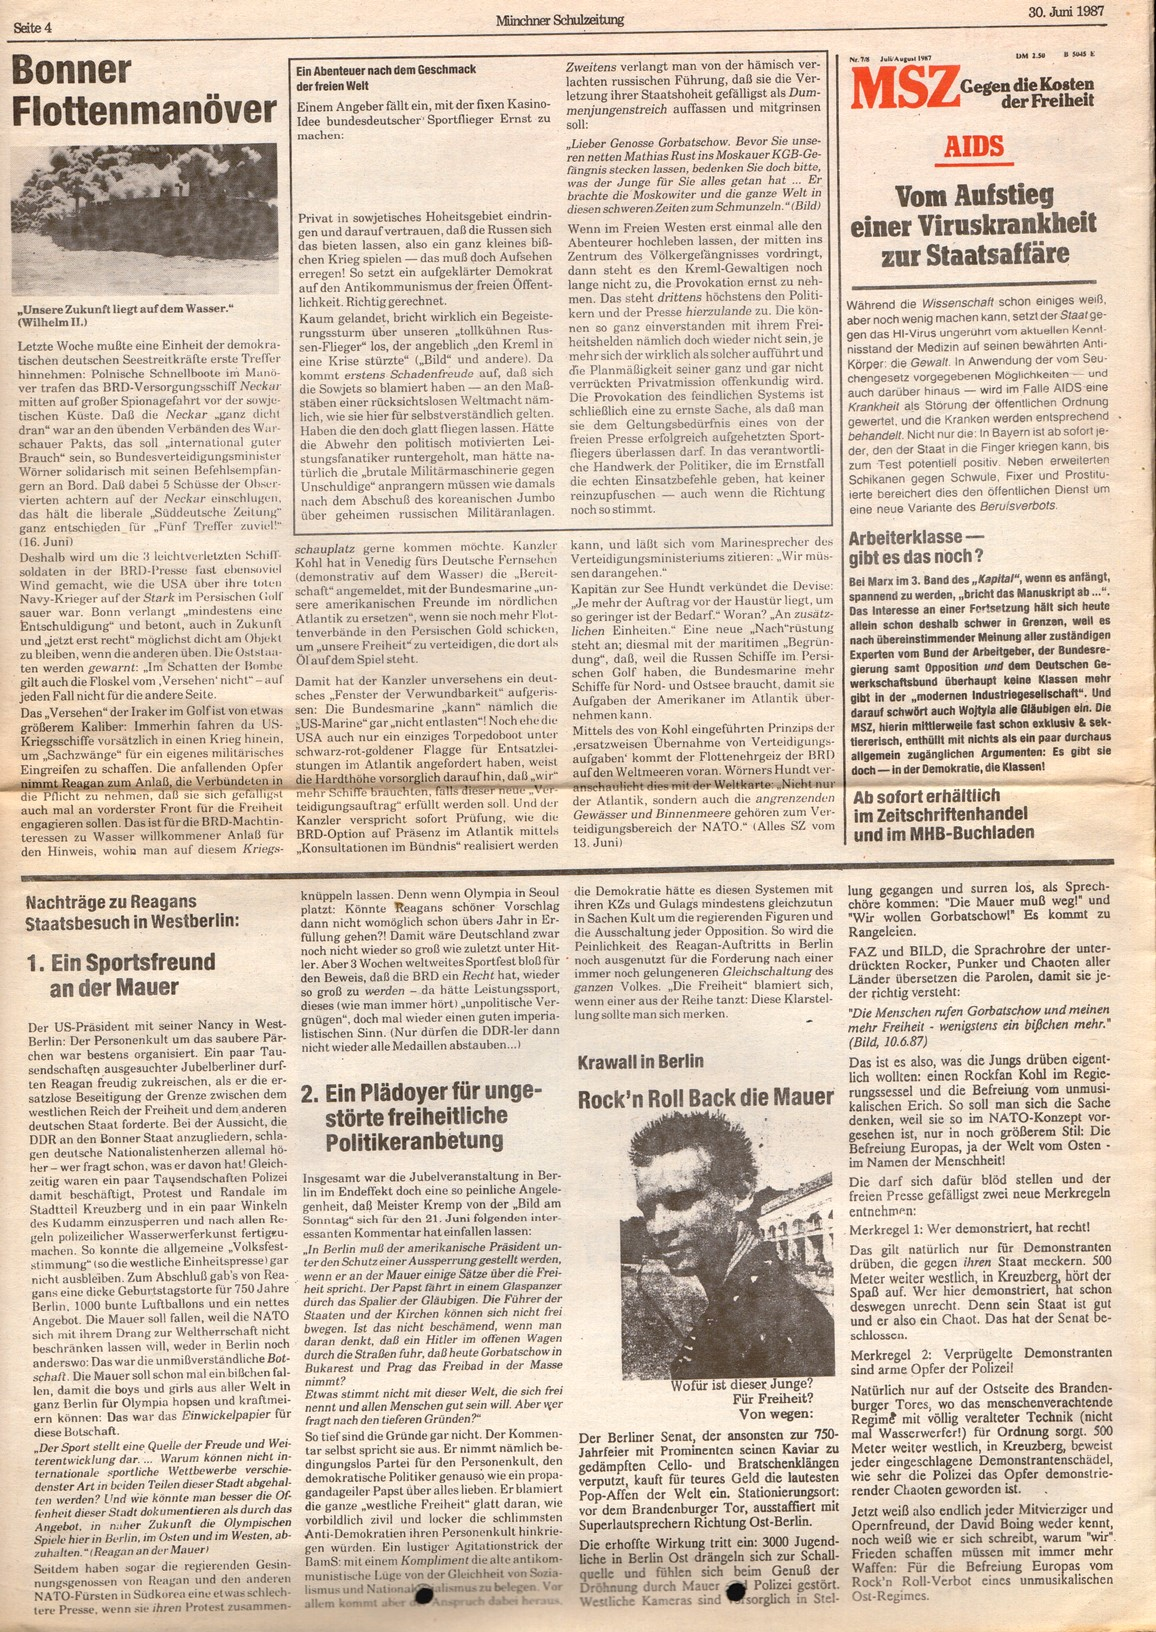 Muenchen_MG_Schulzeitung_19870630_04